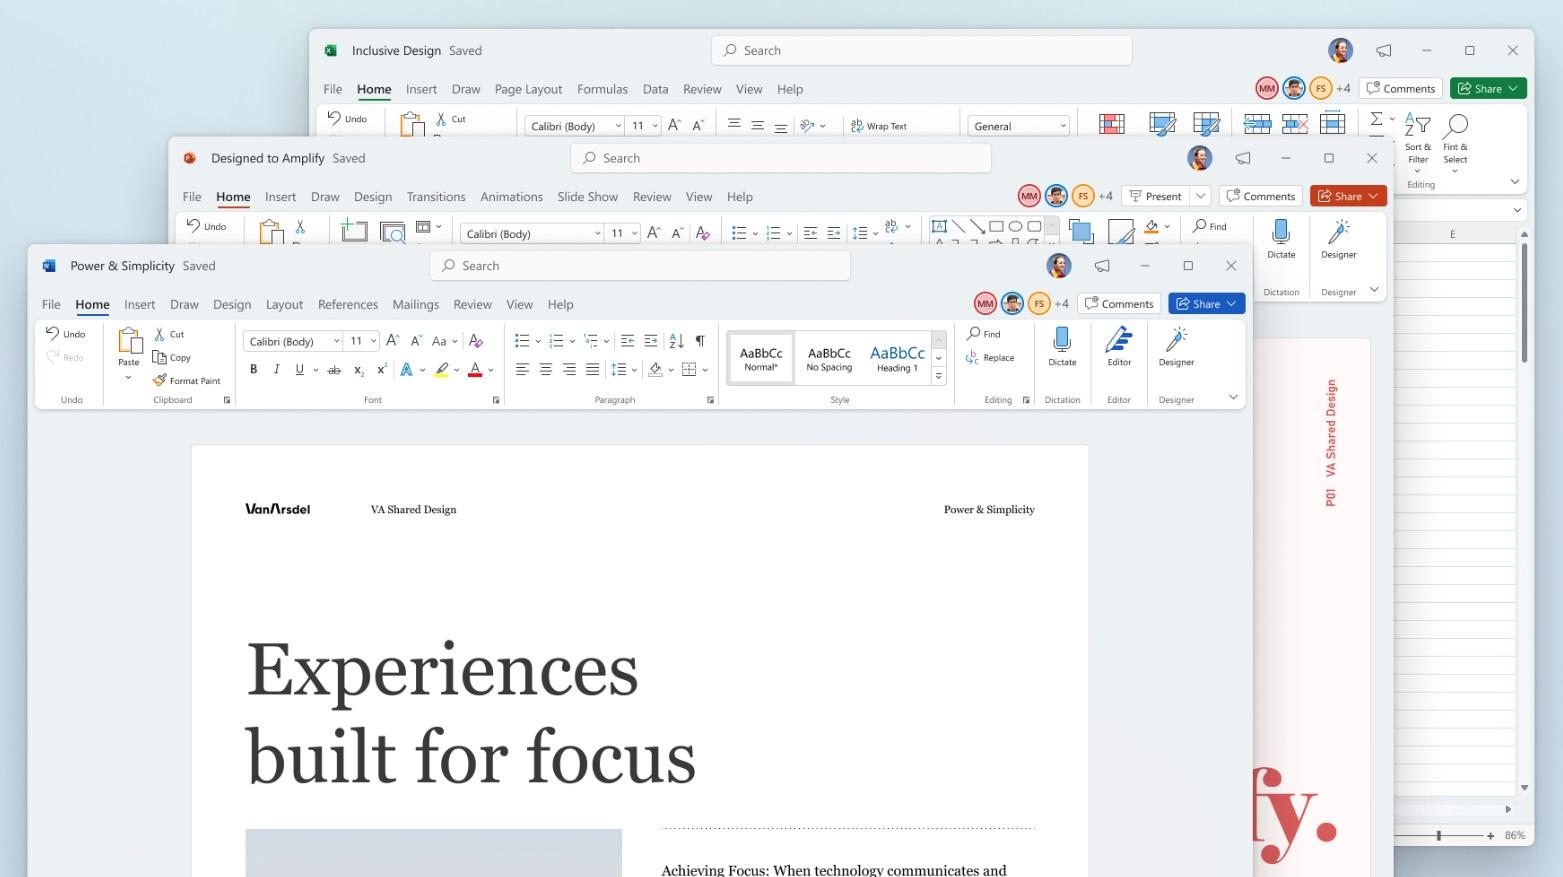 طراحی جدید Microsoft Office با شباهت به طراحی Windows 11 برای دانلود ارایه شد